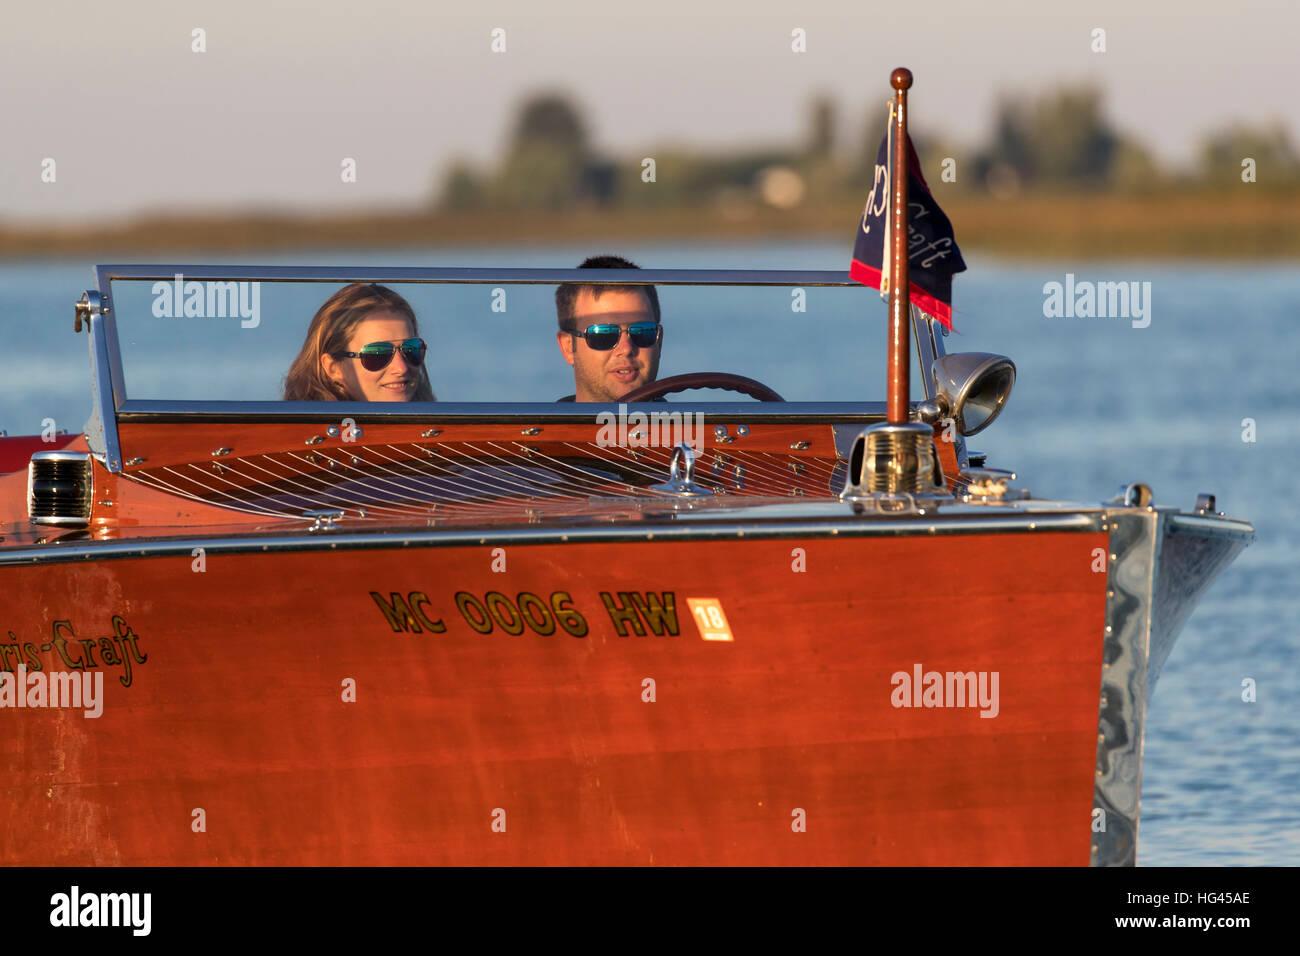 Un jeune couple au volant d'un bateau en bois, meubles anciens. Photo Stock